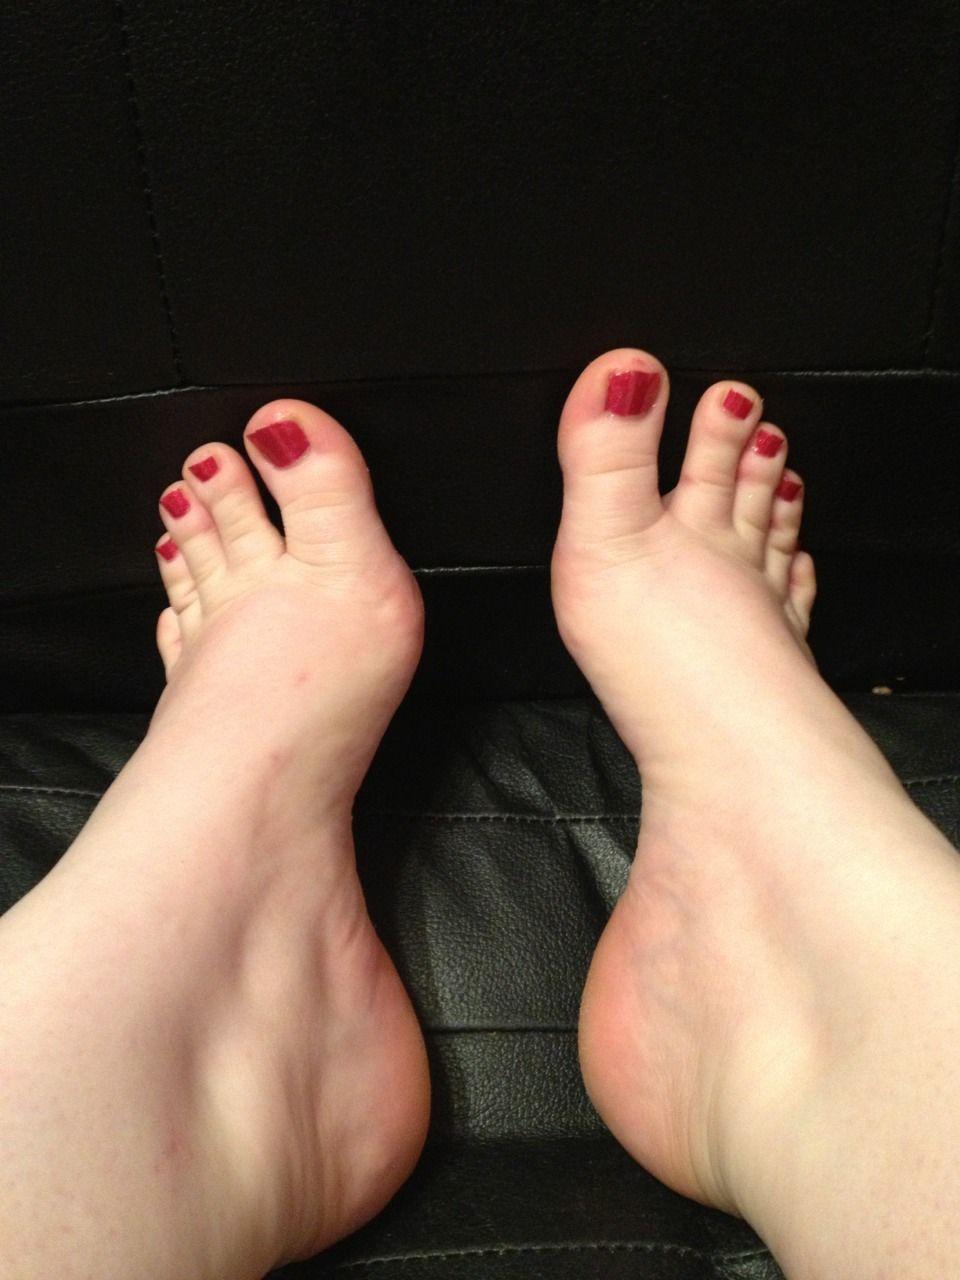 feet bbw